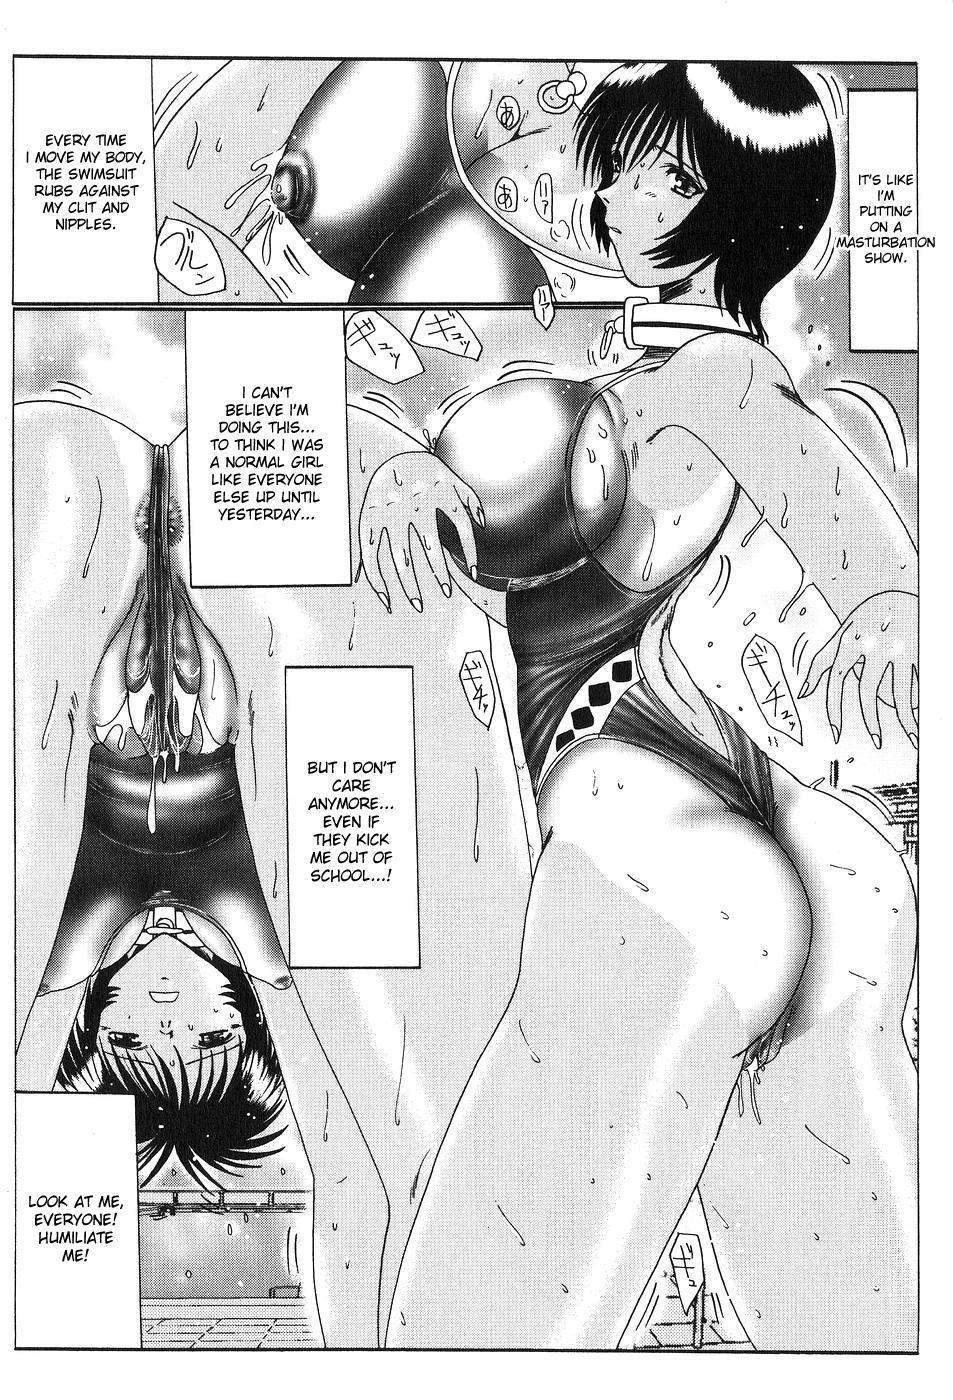 [Onibara] Roshutsu Mazo to Nikutai Joousama - Queen & Slave Ch. 1-5 [English] [desudesu] 32